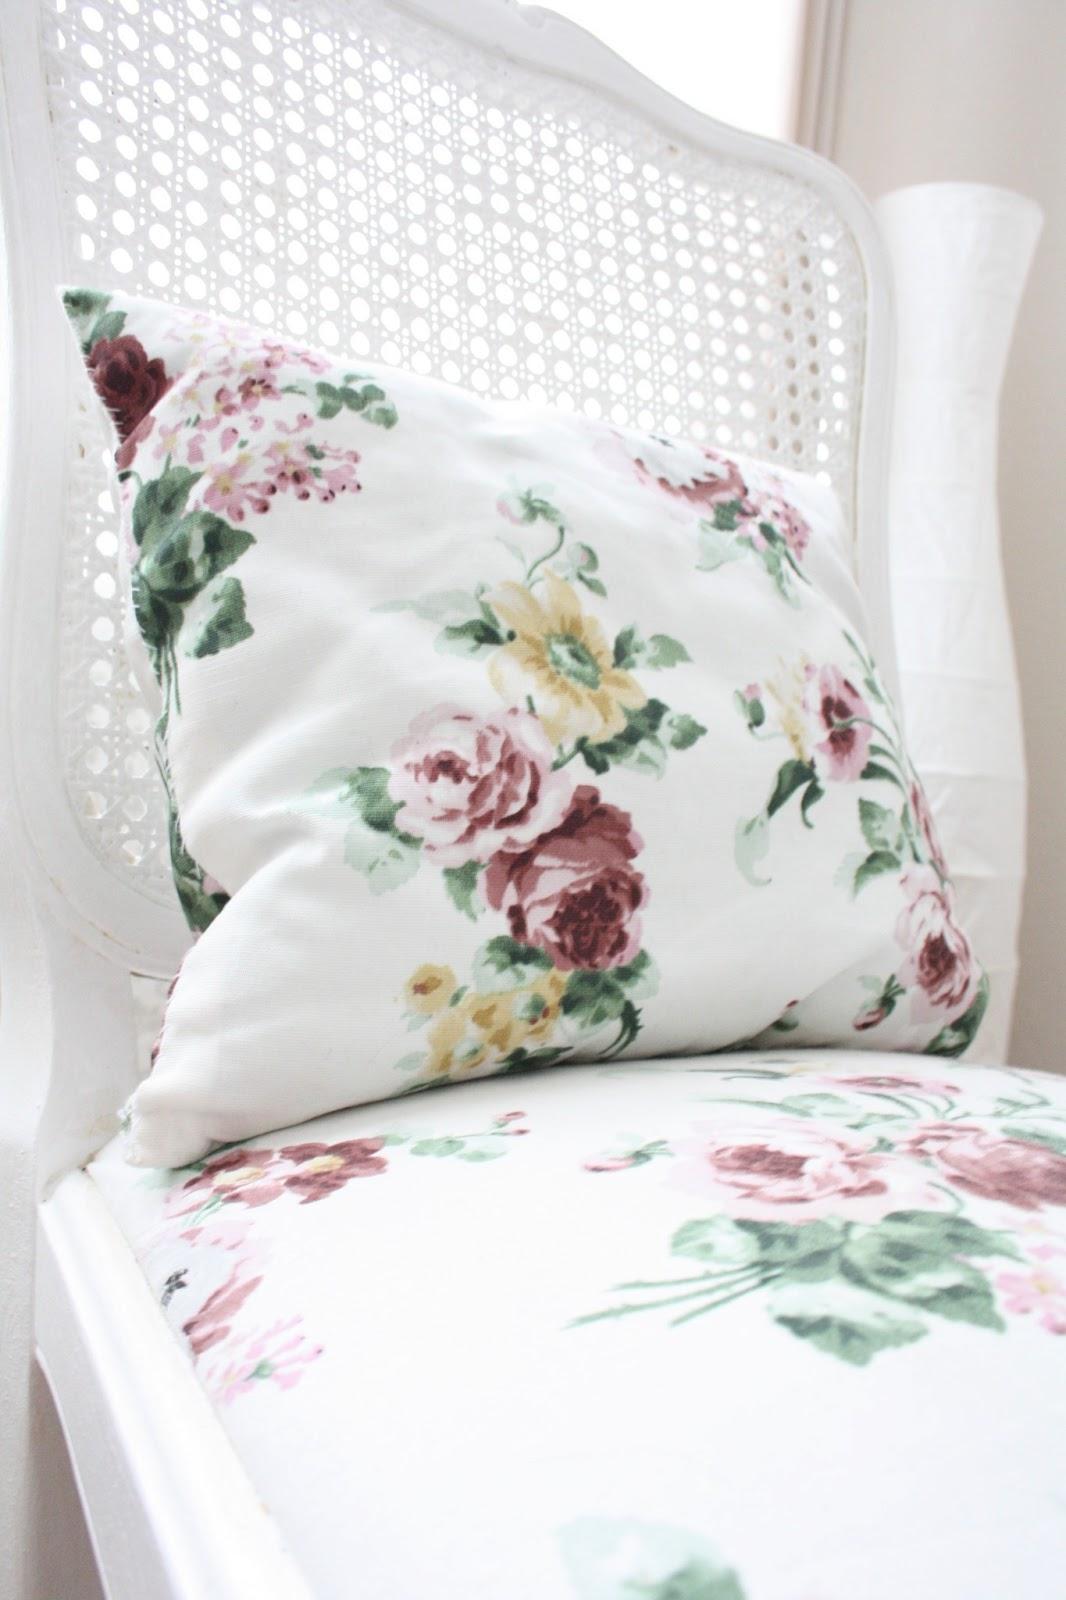 schn rkel und spitze diy blog f r kreatives einrichten basteln n hen und mehr mai 2013. Black Bedroom Furniture Sets. Home Design Ideas